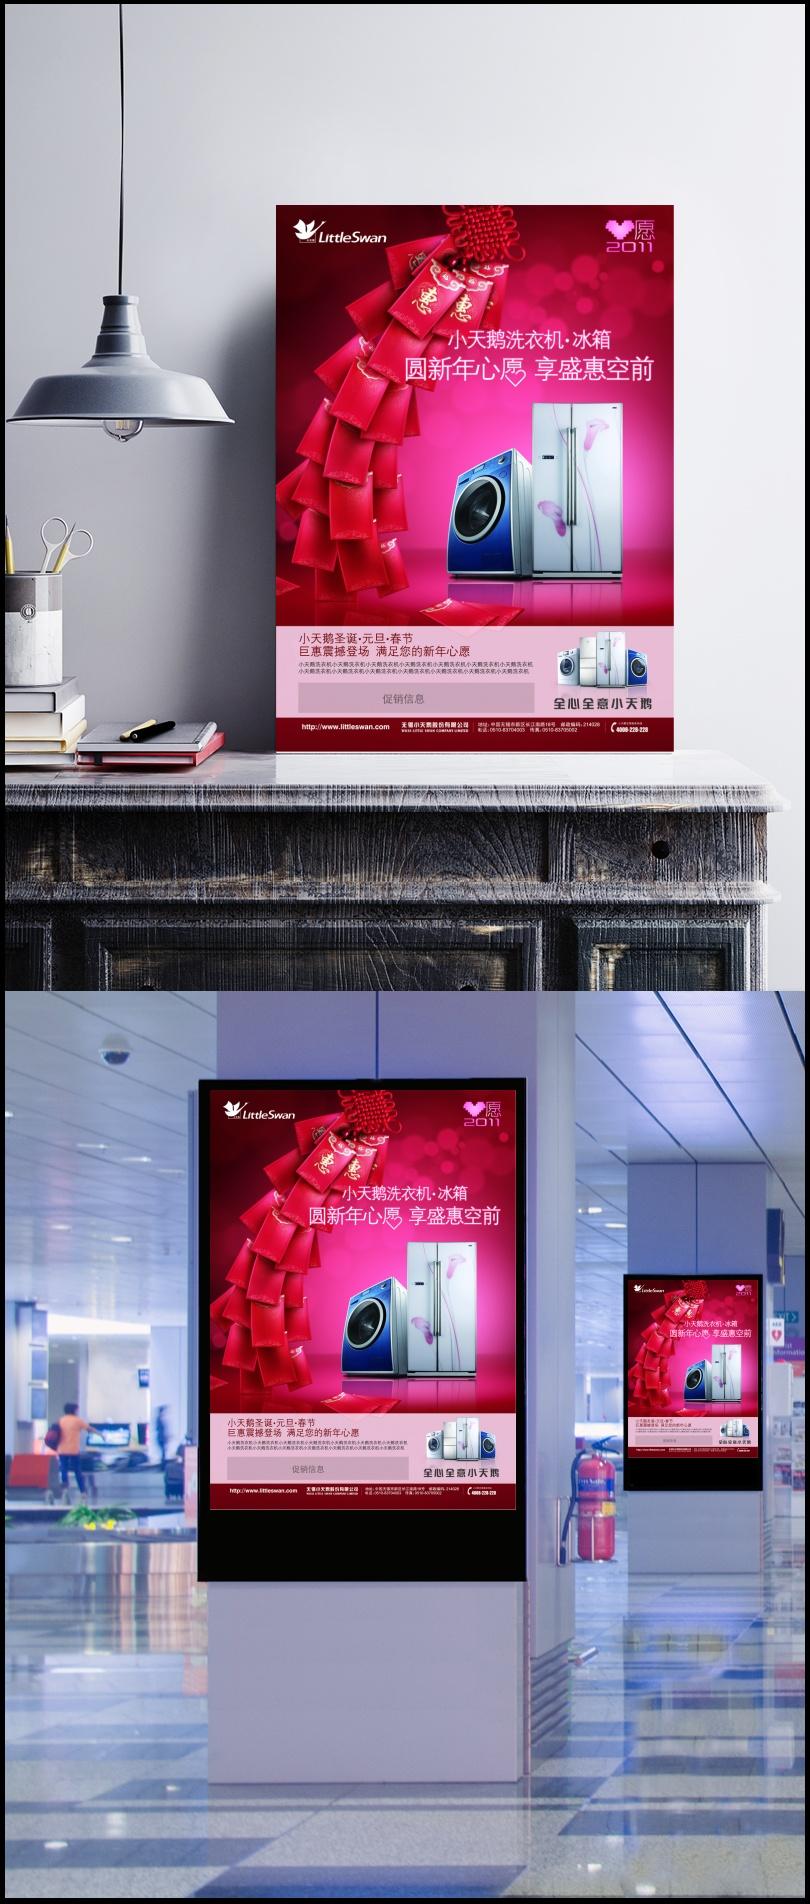 小天鹅冰箱洗衣机PSD宣传海报